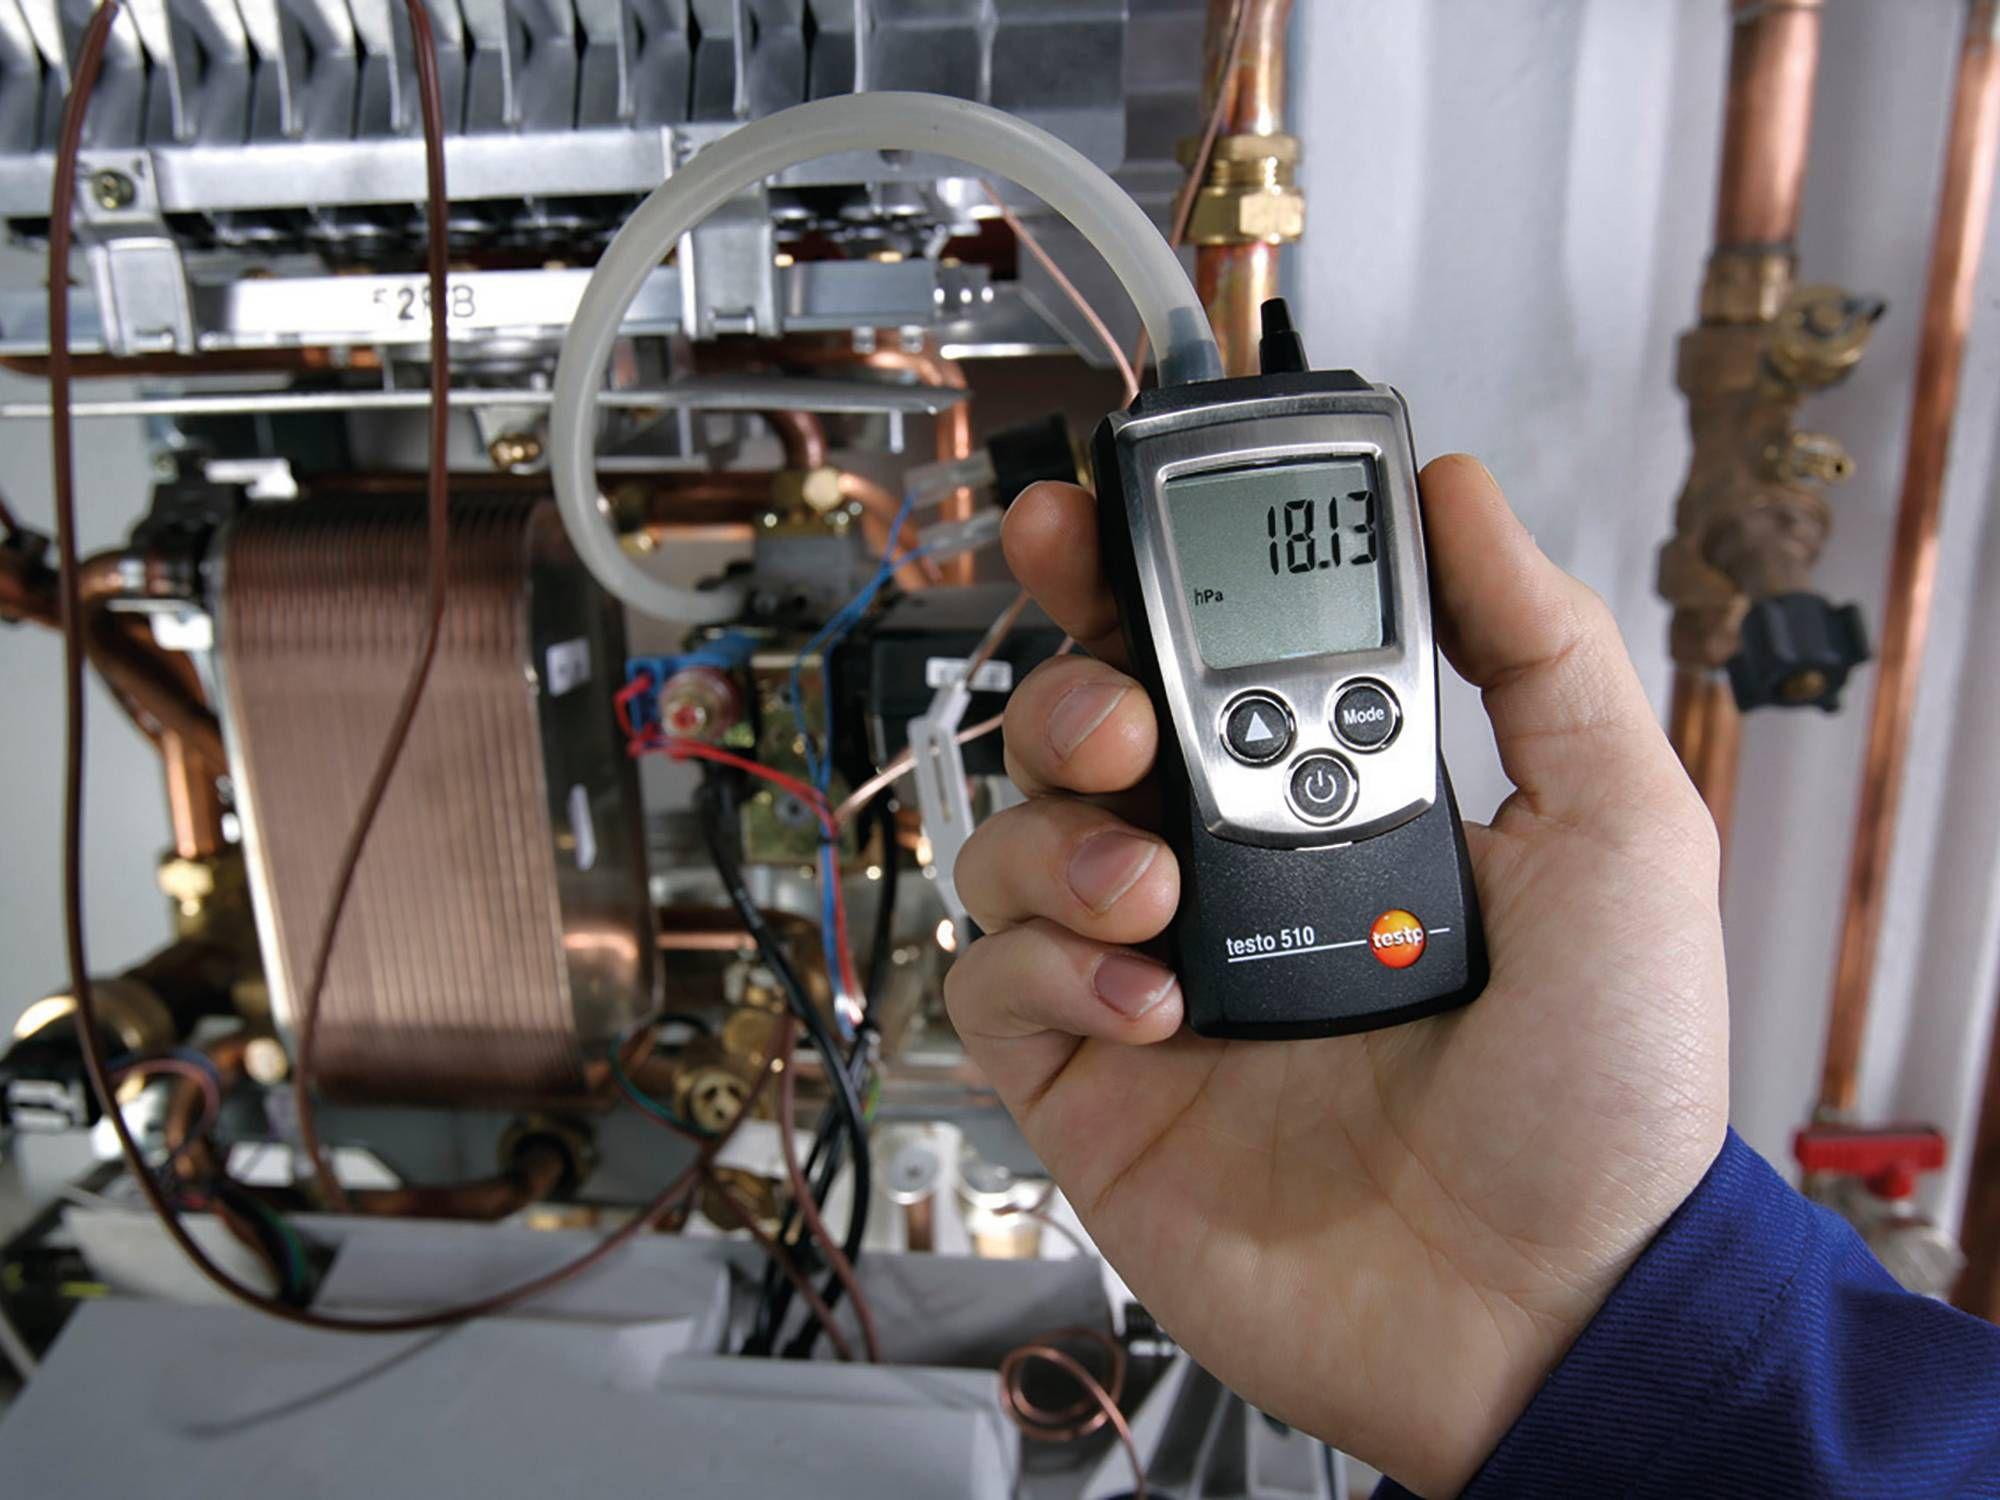 testo 510 für die Messung an Anlagen im SHK-Bereich